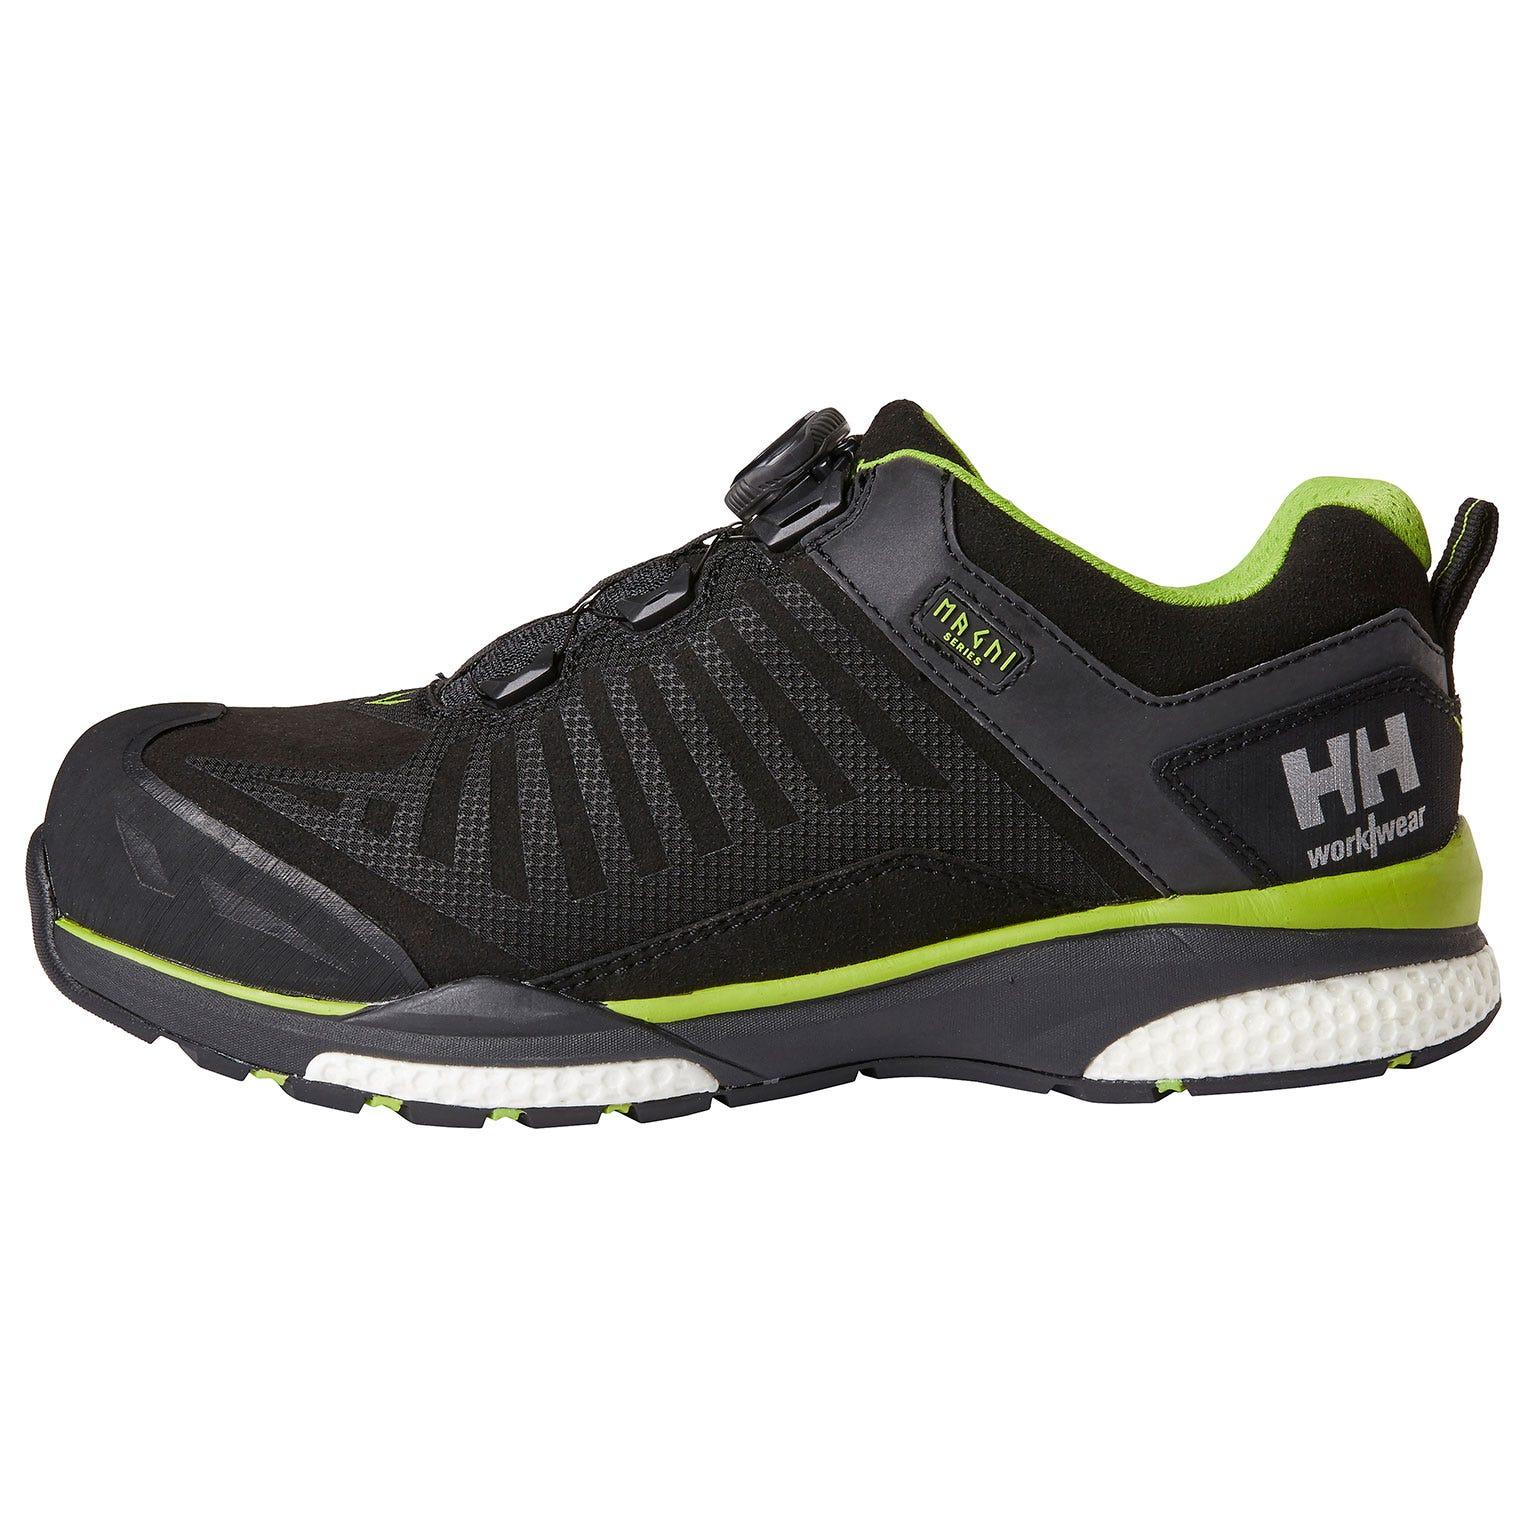 HH Workwear Work Magni Low Boa 41 Black